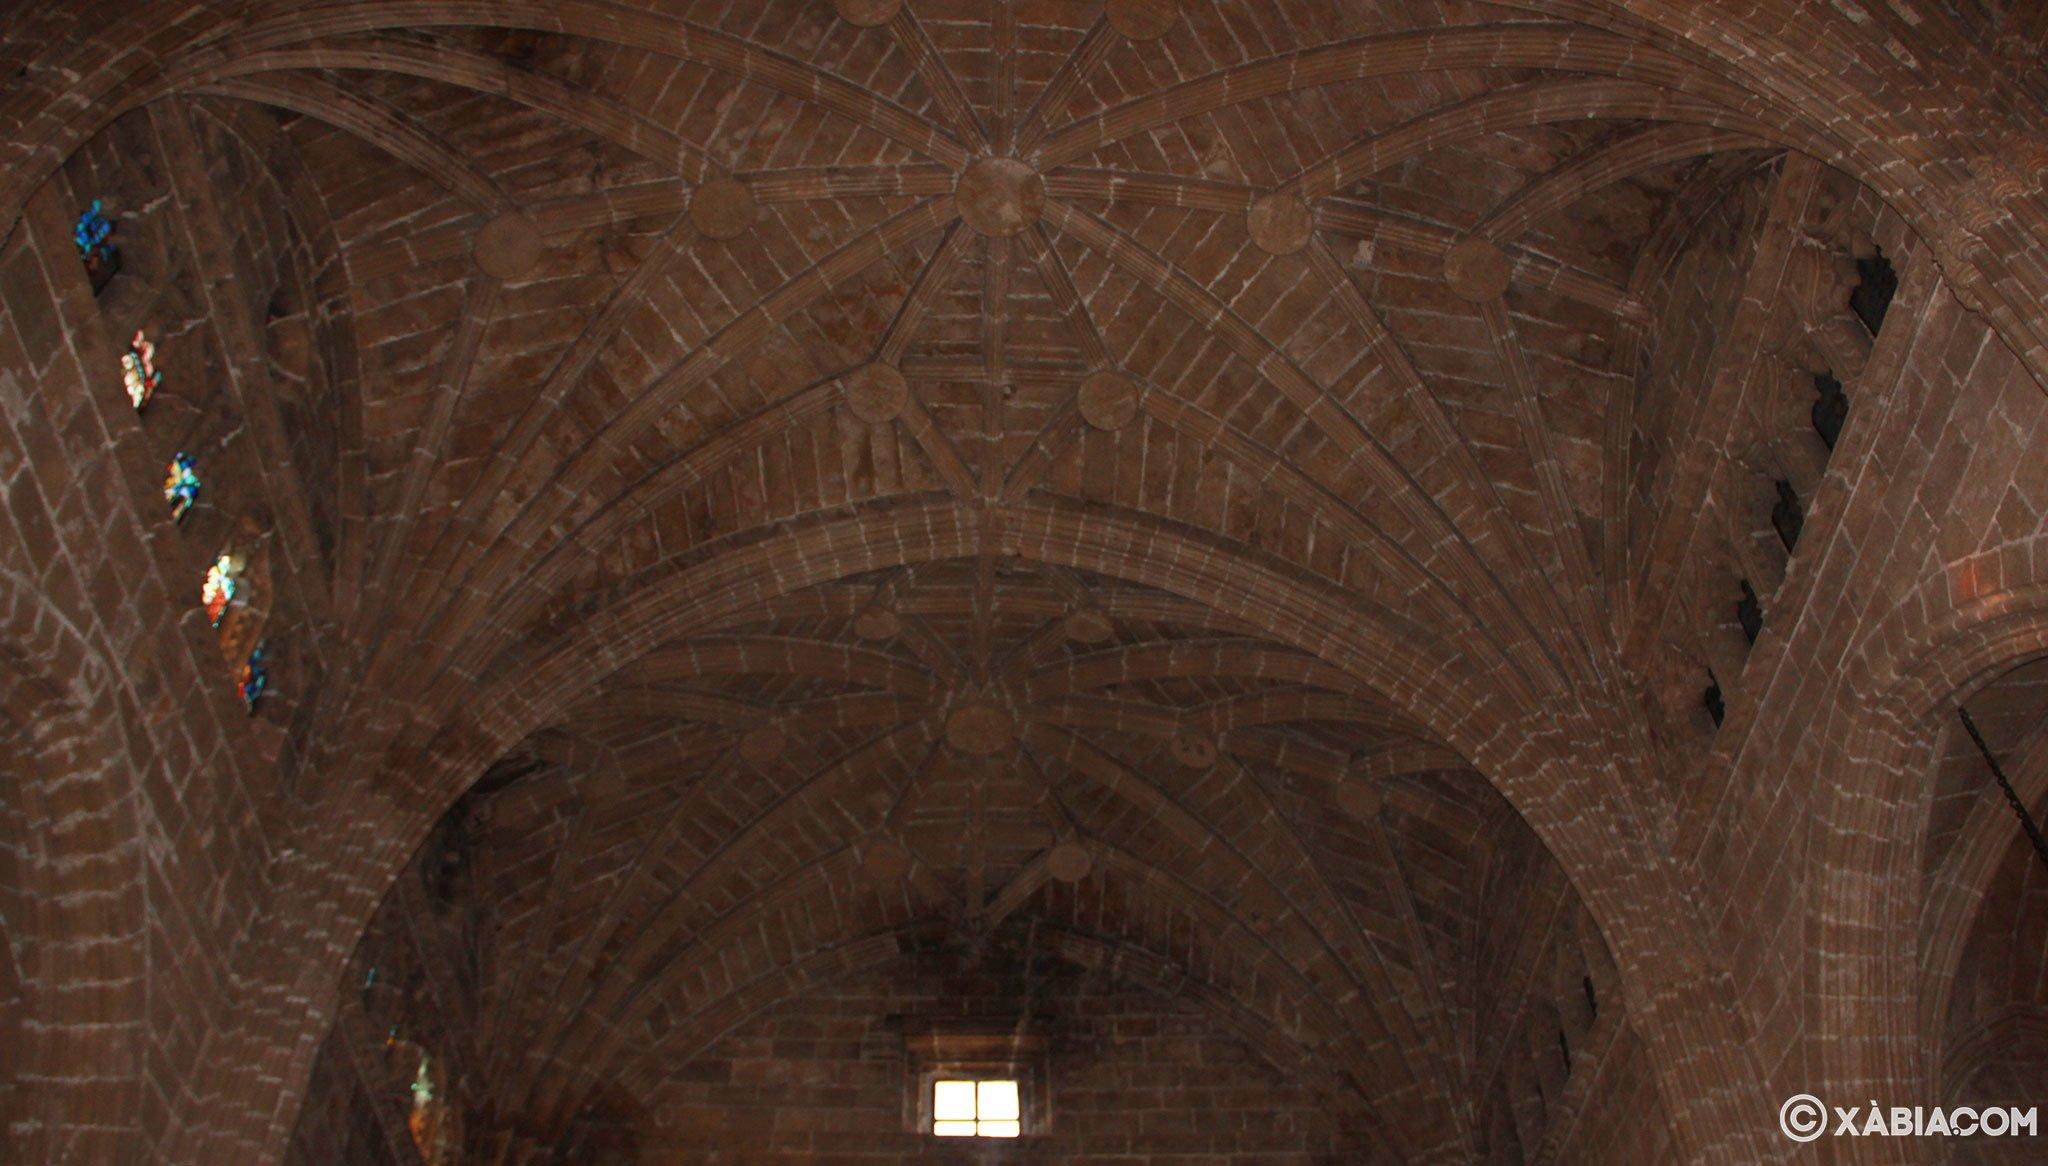 Bóveda de crucería en el interior de la Iglesia de San Bartolomé de Jávea